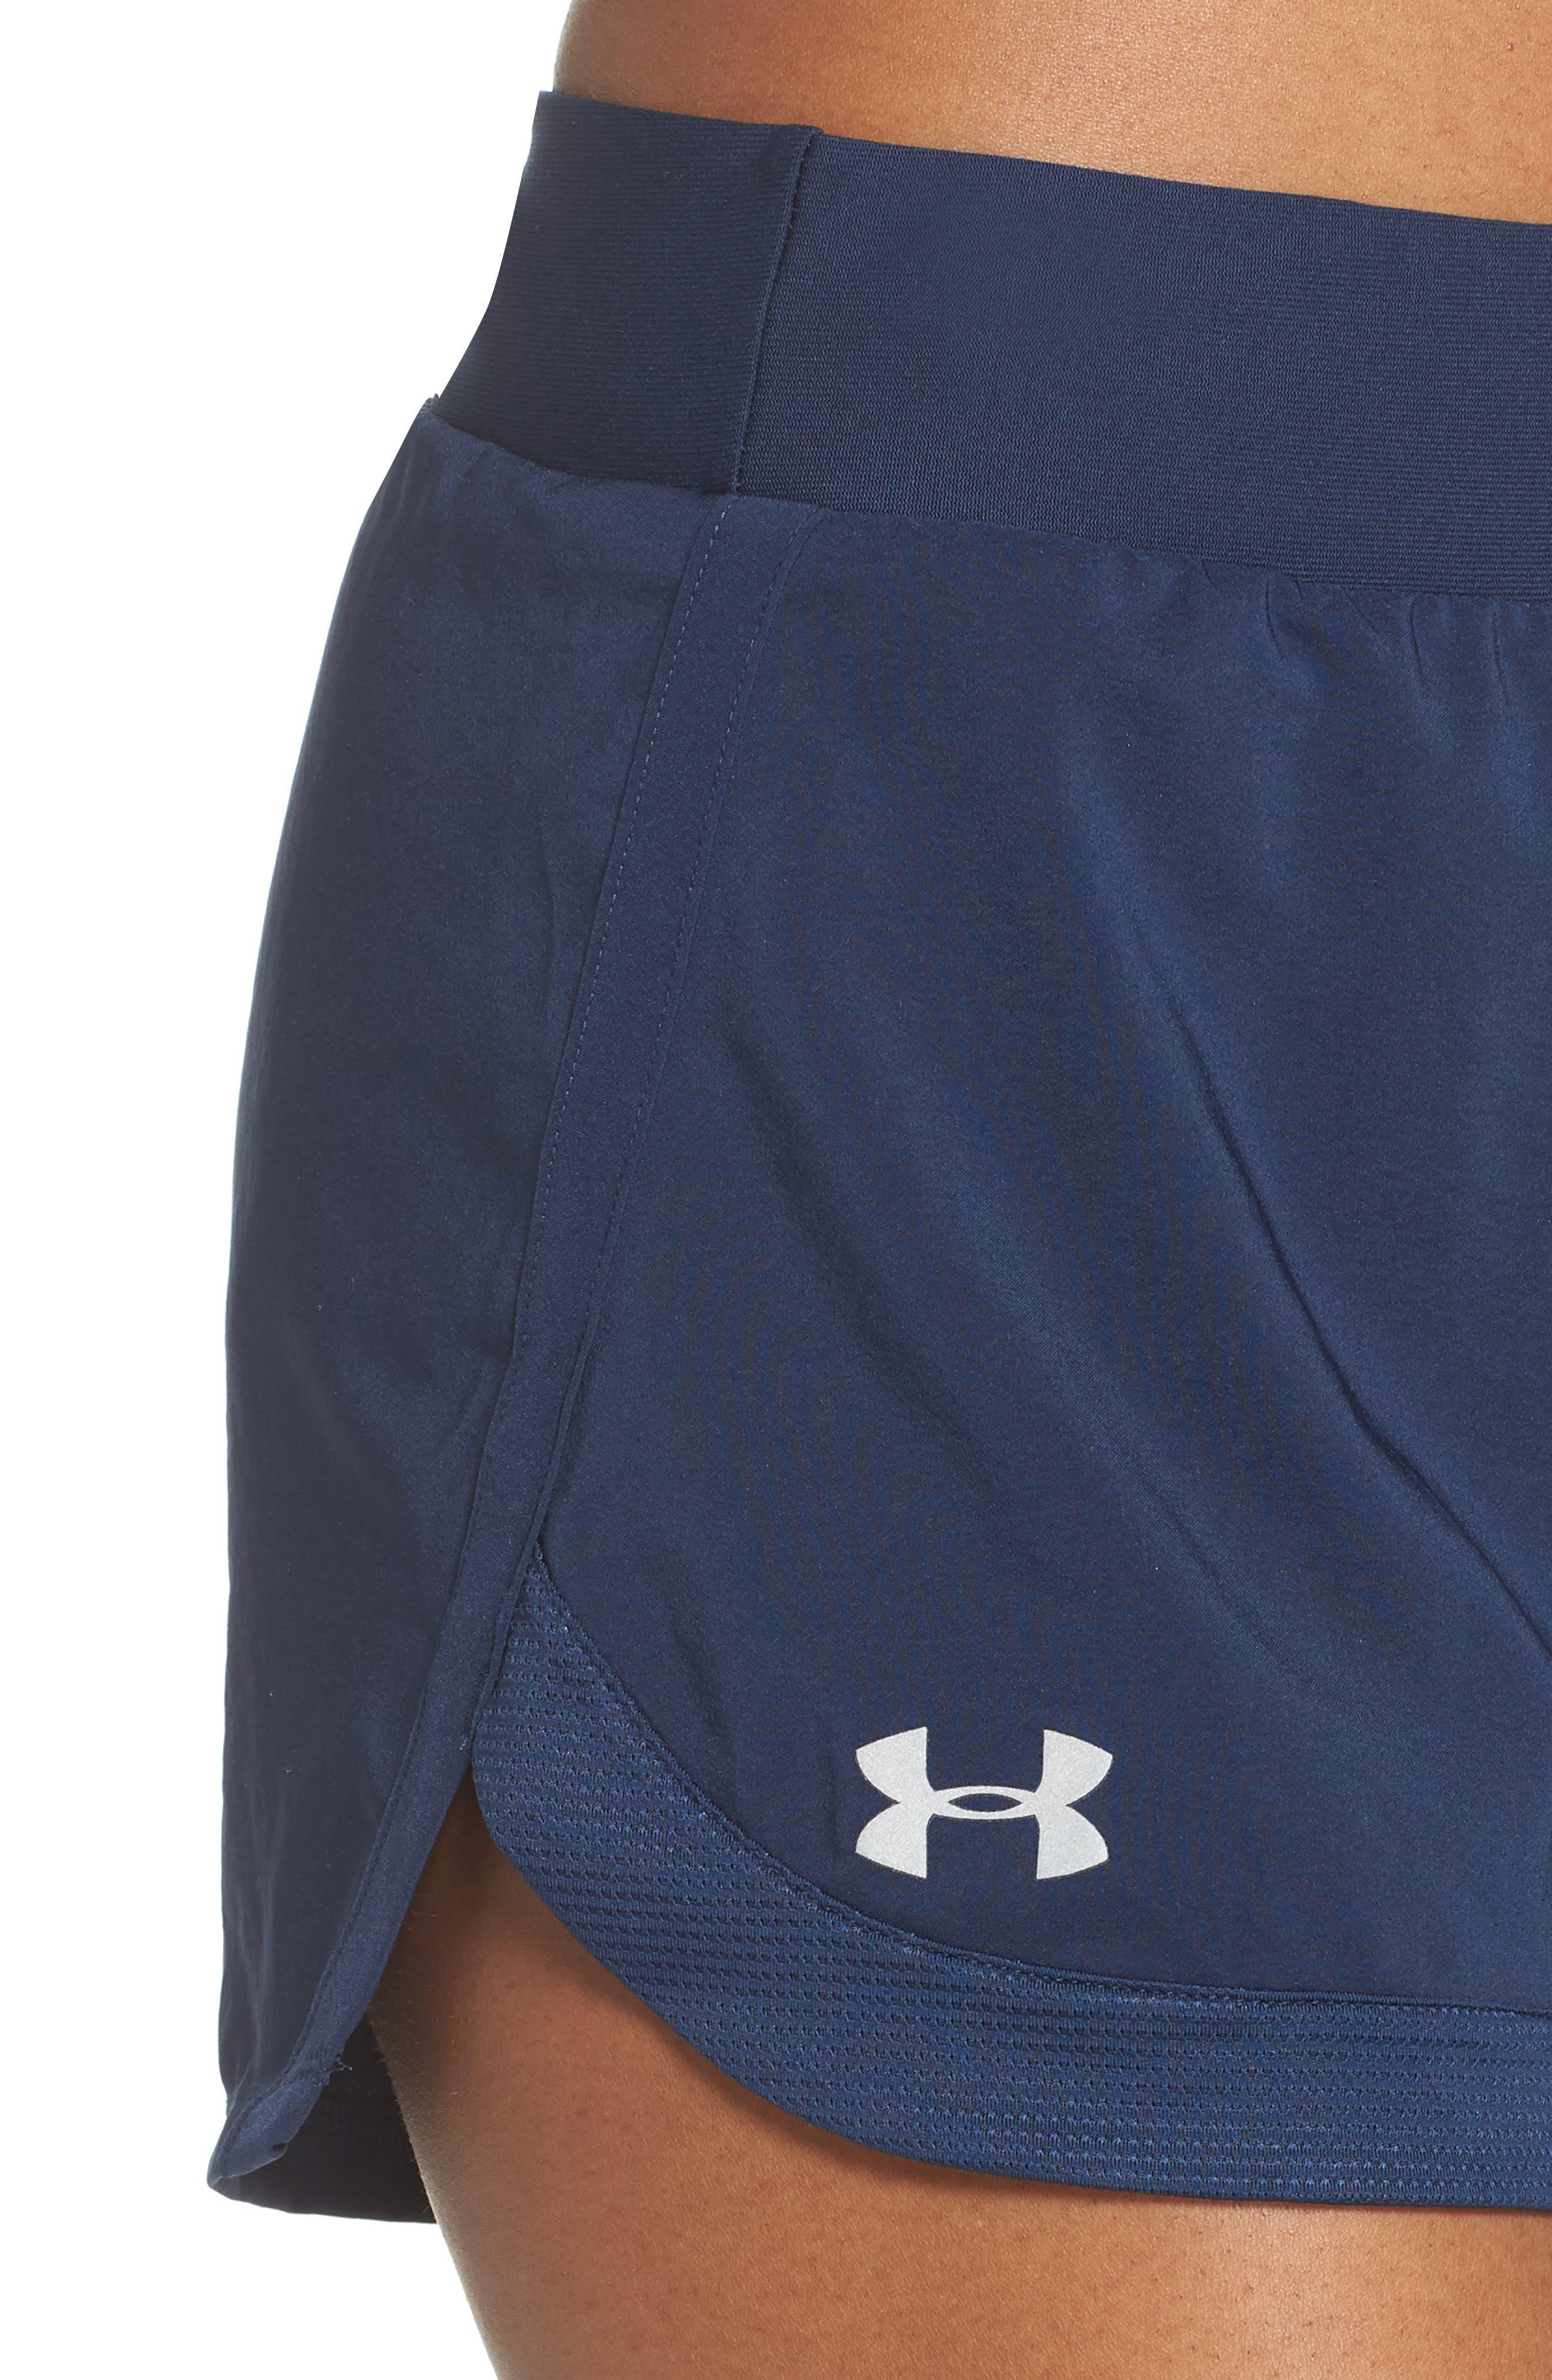 Speedpocket Shorts,                             Alternate thumbnail 4, color,                             ACADEMY